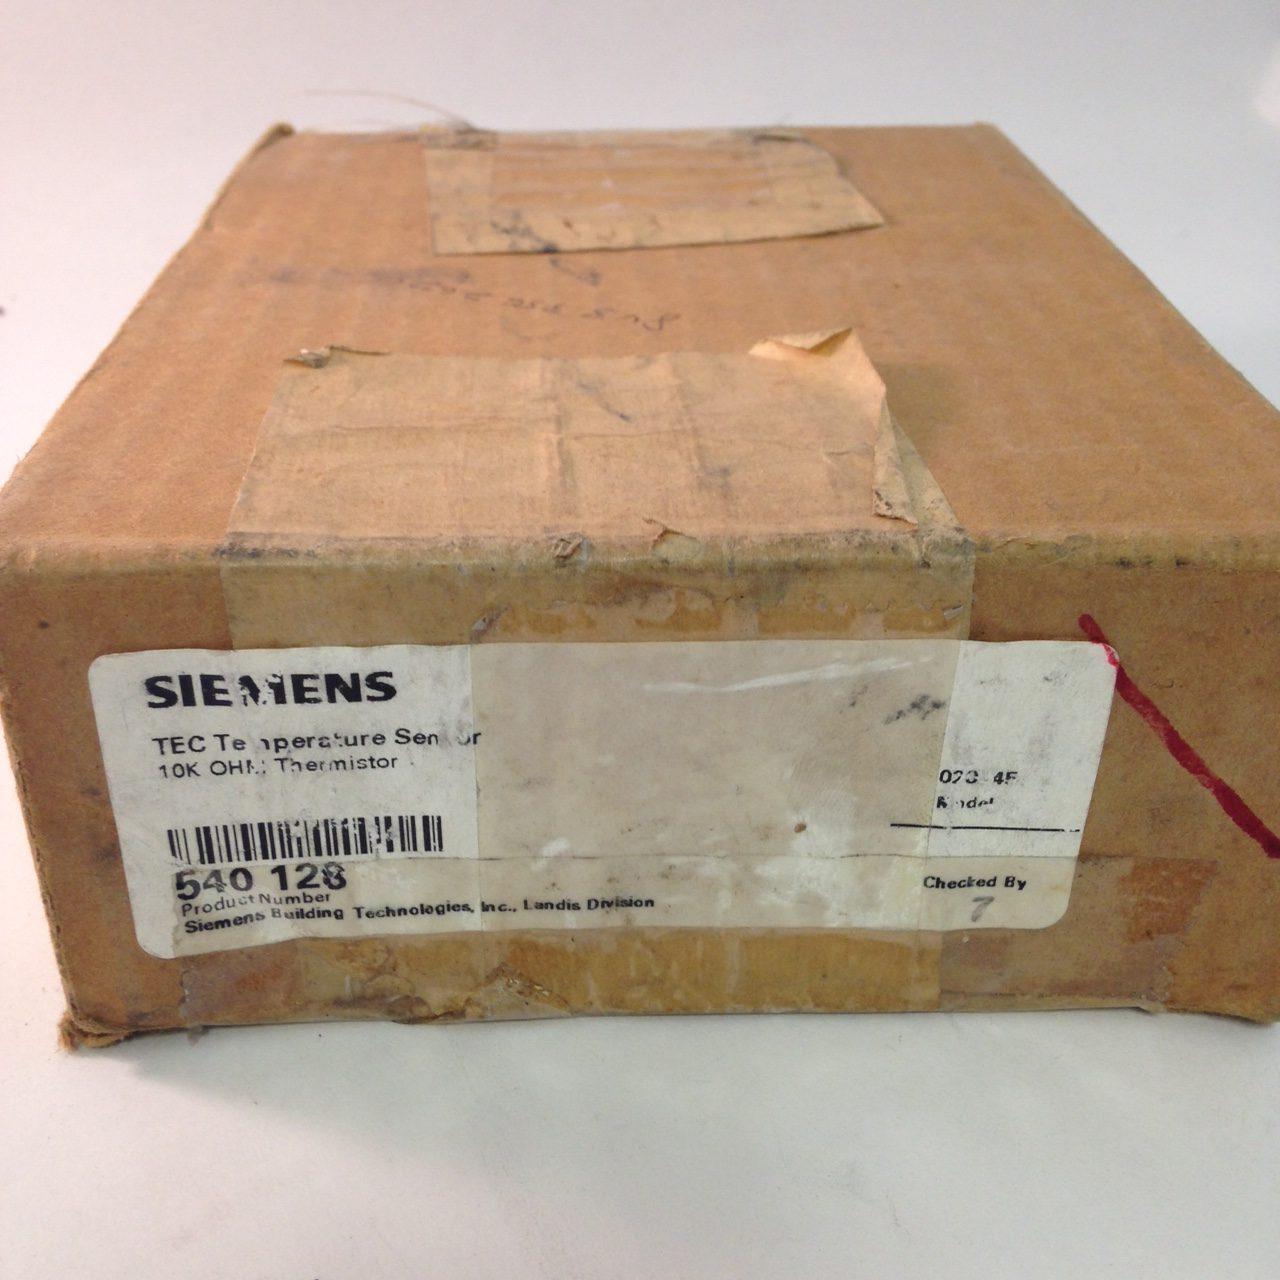 Siemens 540-128 TEC Temperature Sensor